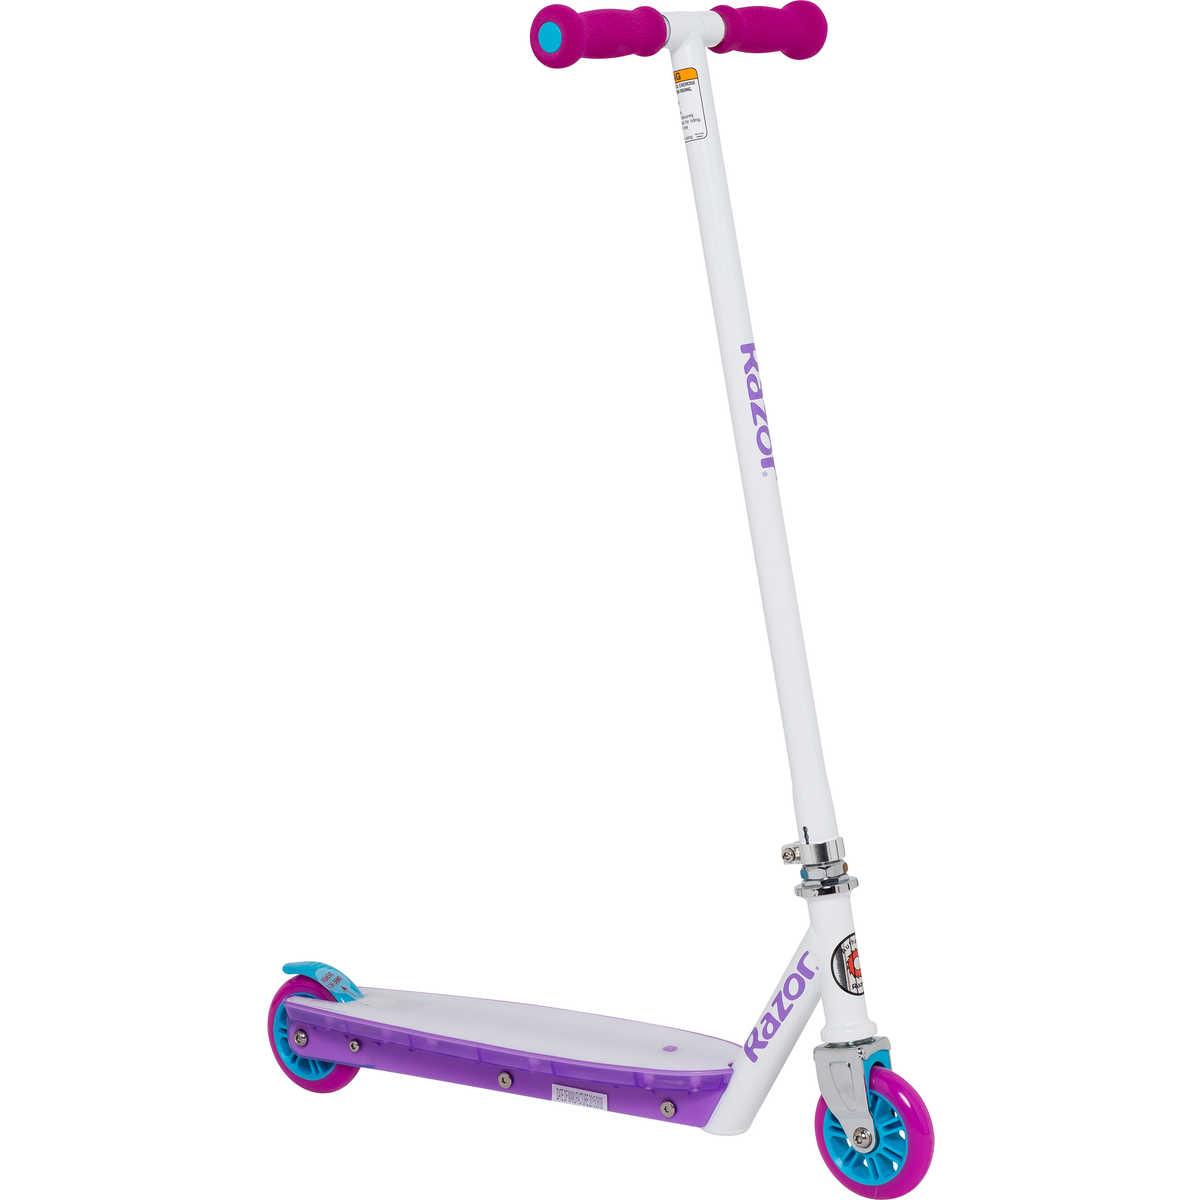 Самокат детский Razor Party Pop, цвет: фиолетовый подшипники для руля самоката м кузьминки